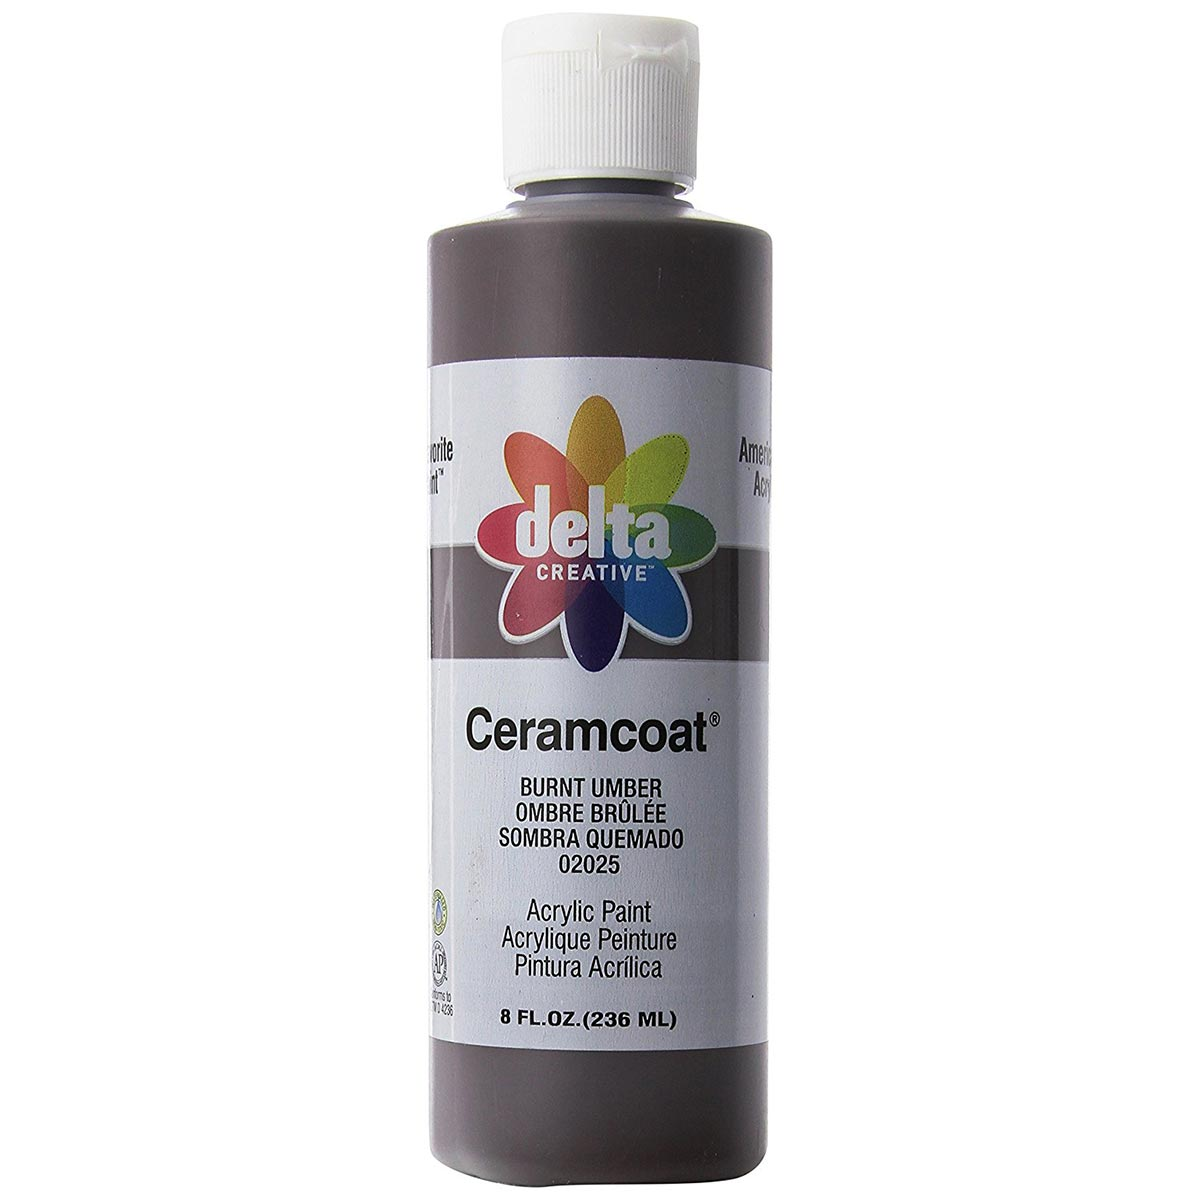 Delta Ceramcoat ® Acrylic Paint - Burnt Umber, 8 oz. - 020250802W